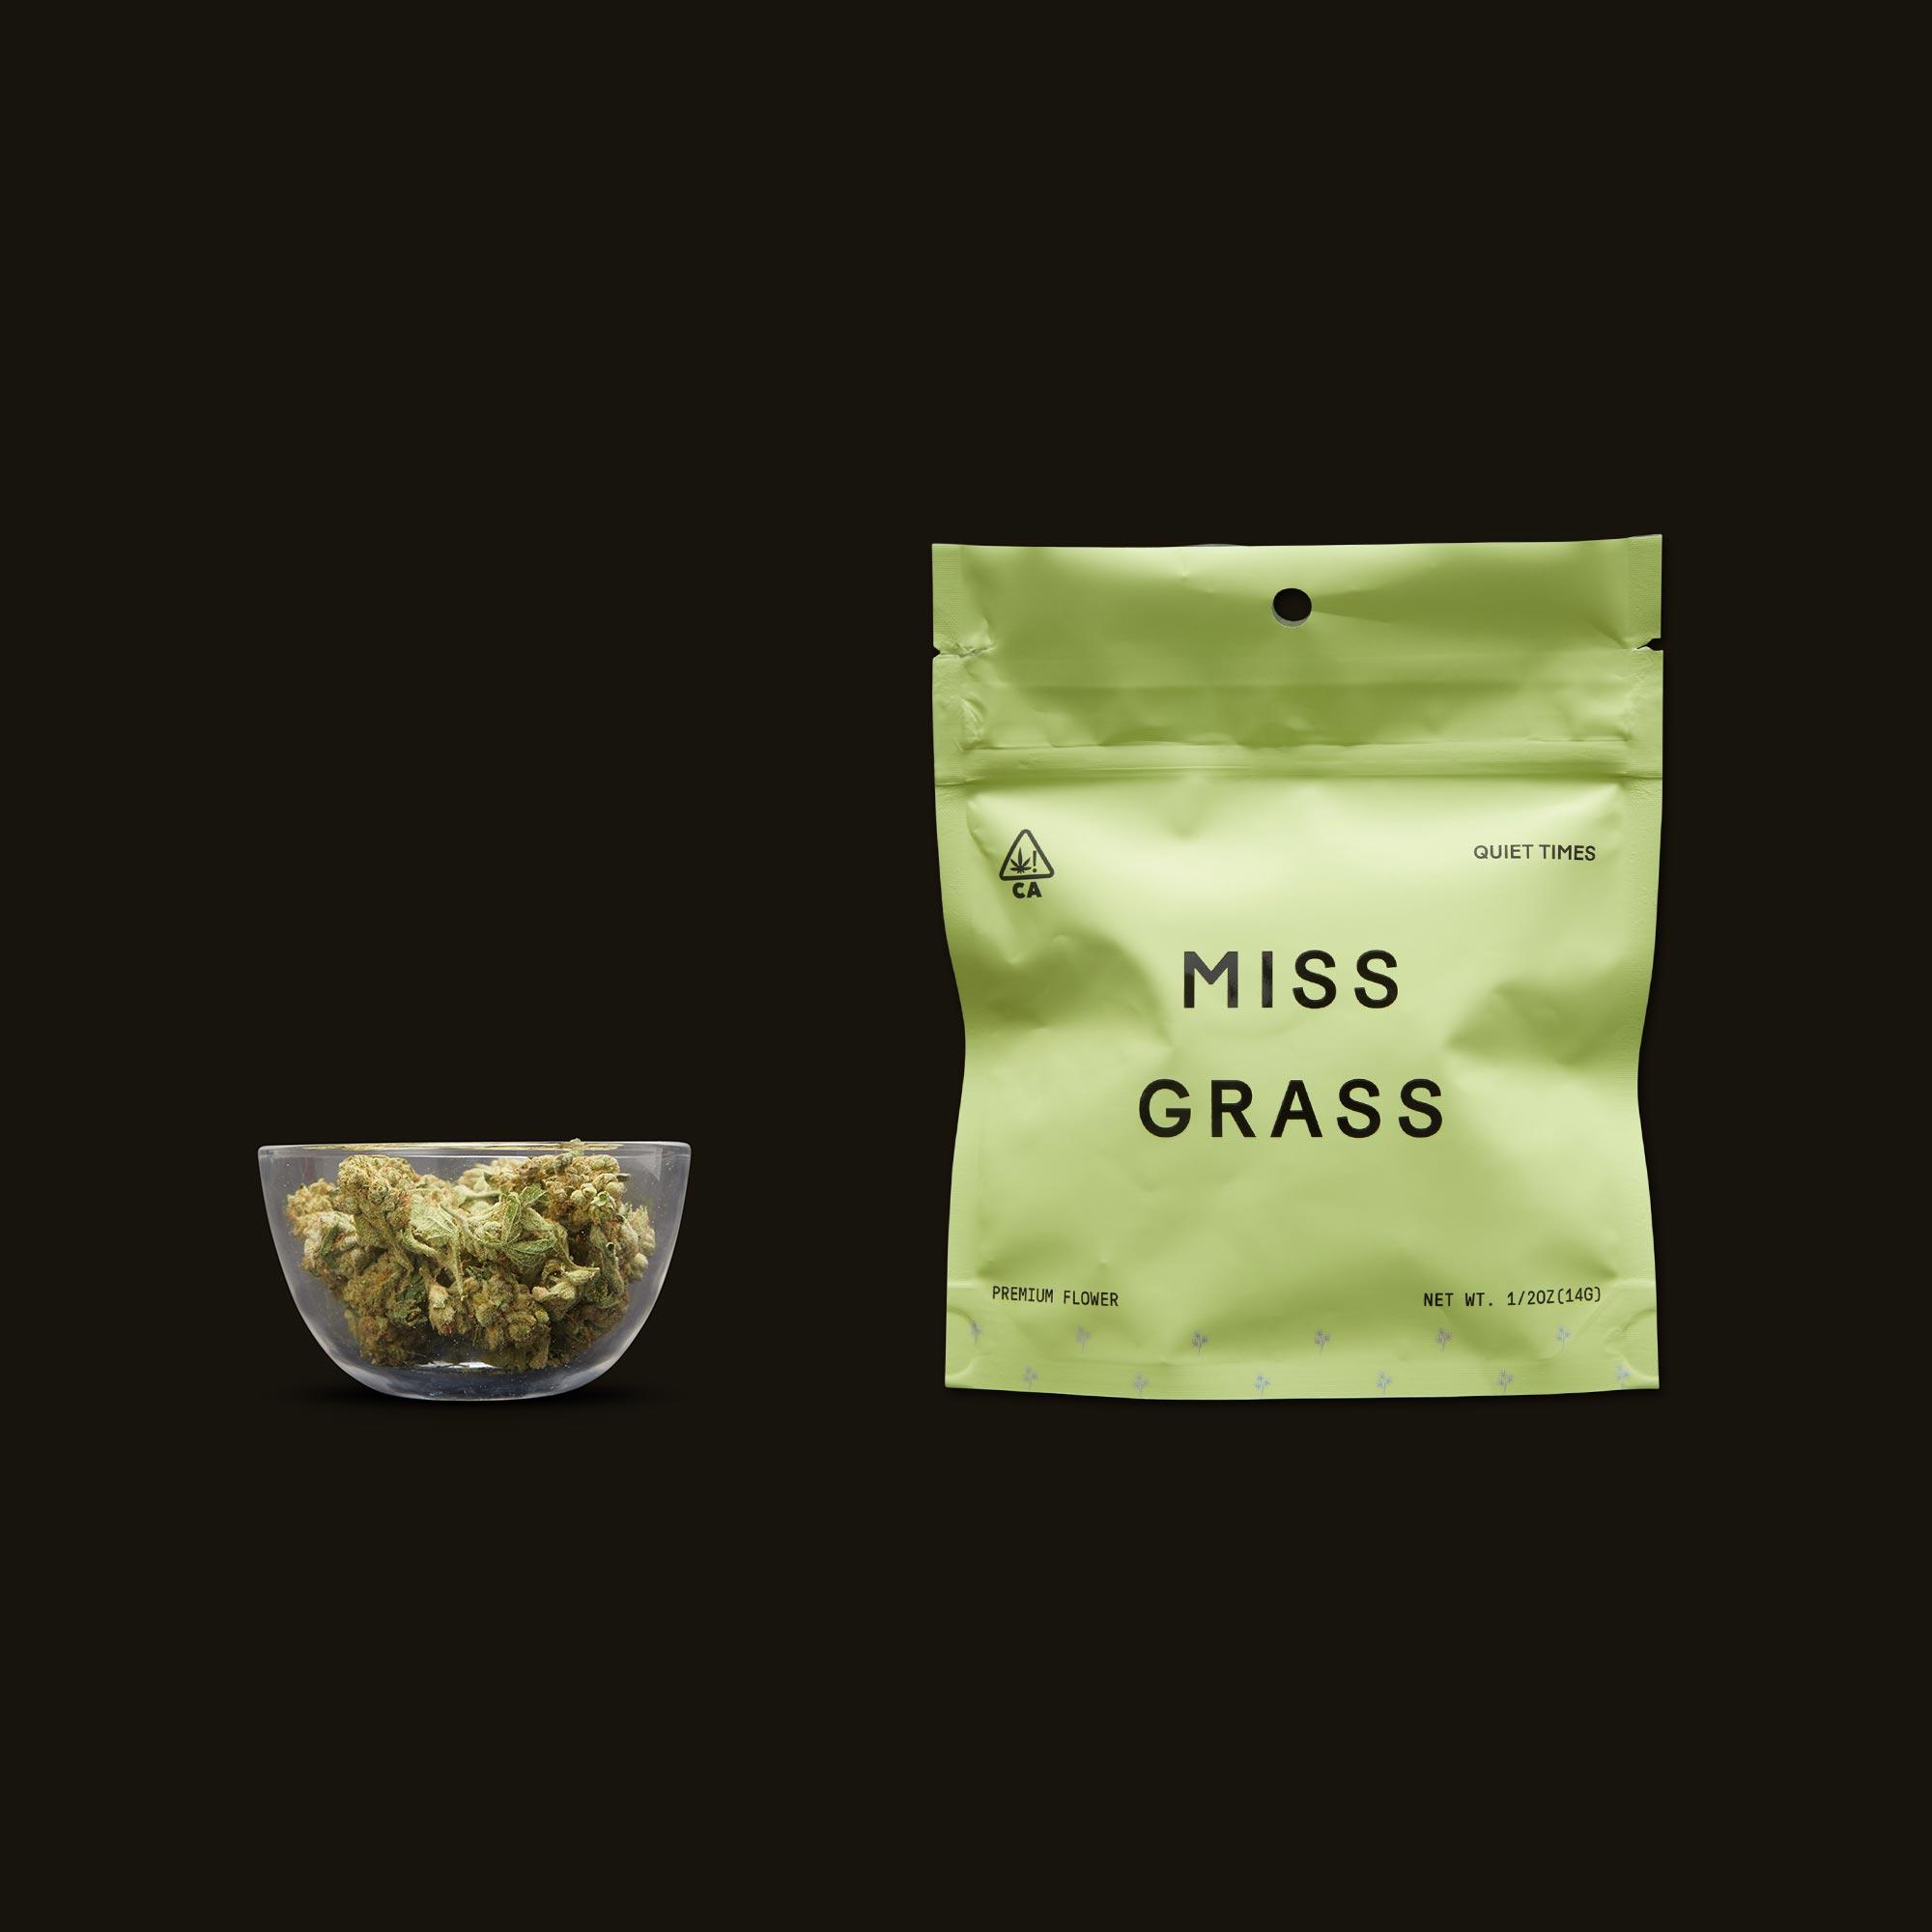 Miss Grass Quiet Times